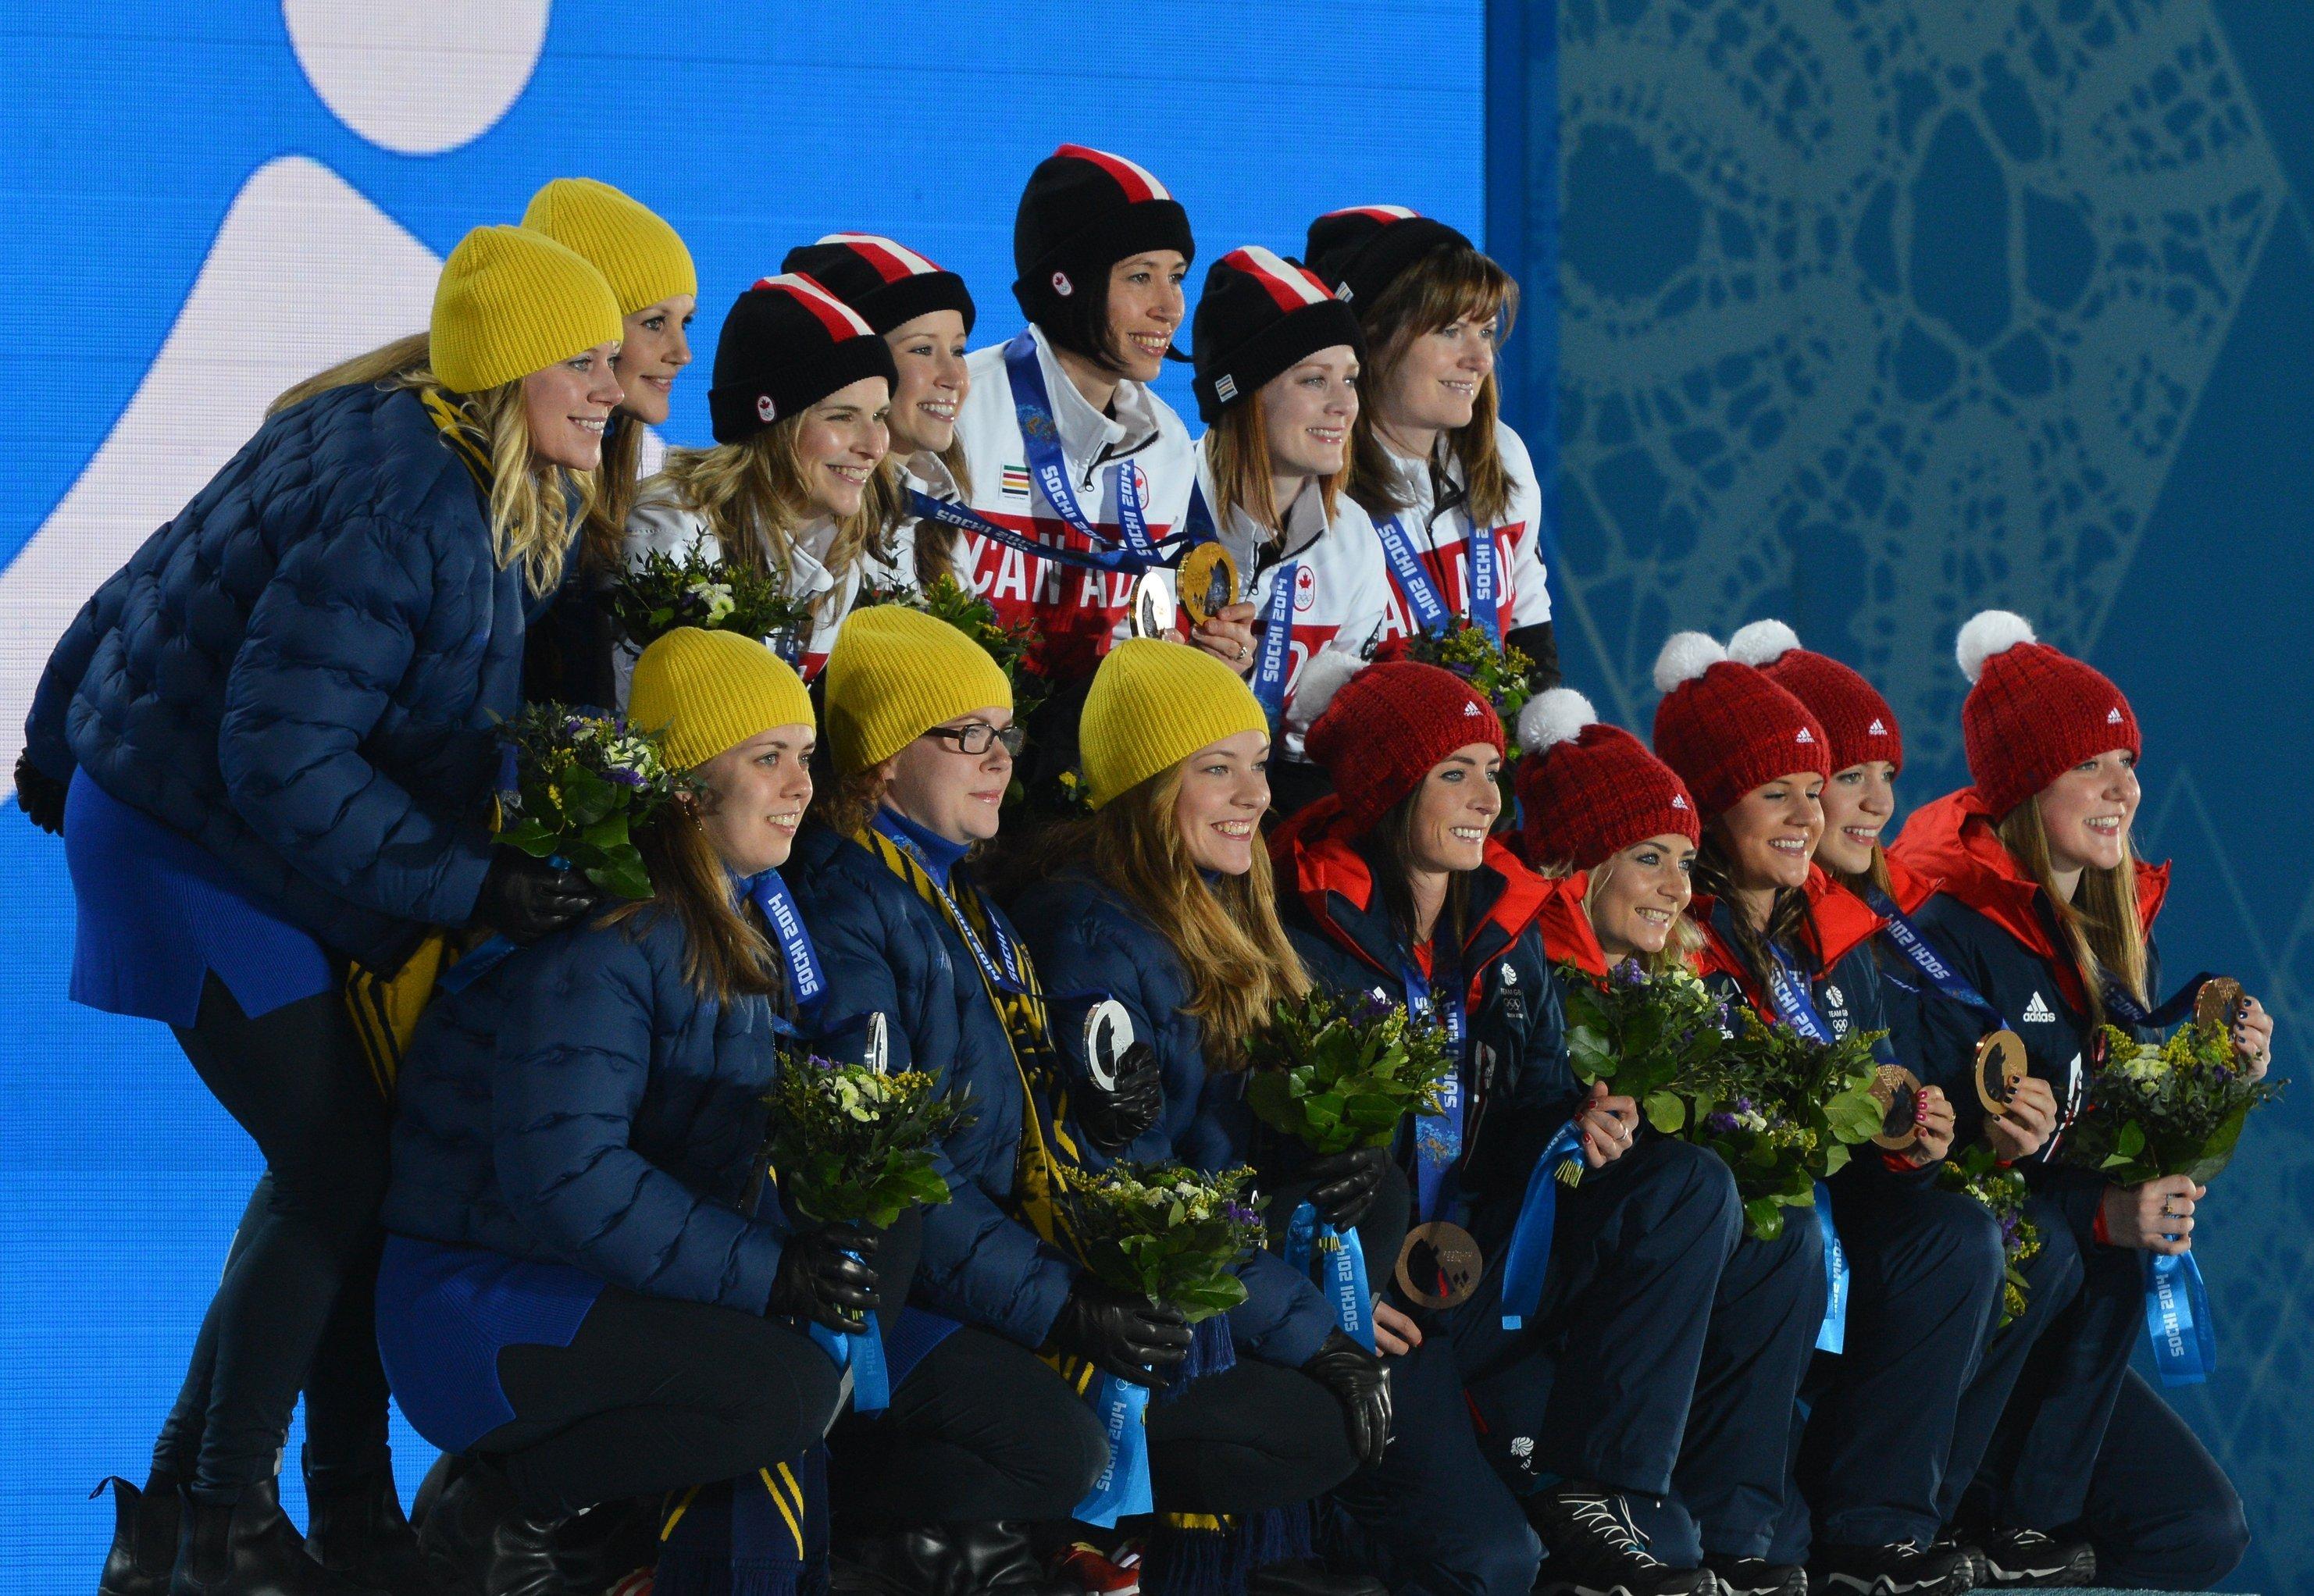 Олимпиада 2014. Церемония награждения. Пятнадцатый день